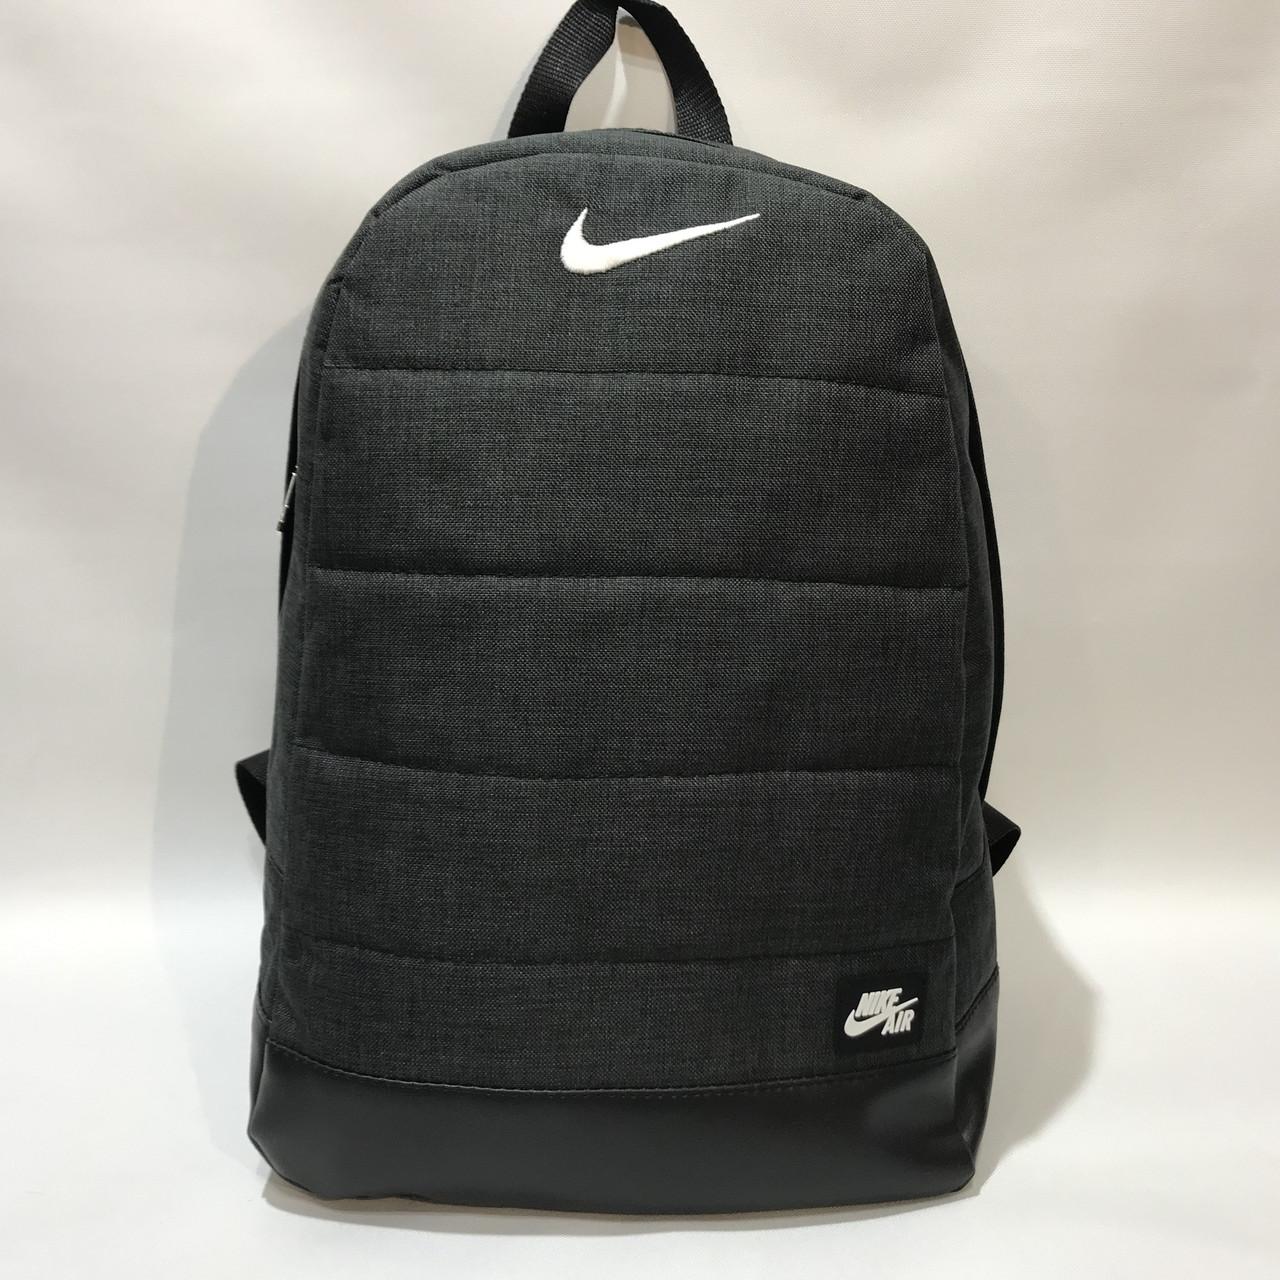 Рюкзак городской спортивный Nike Найк / мужской / темно-серый